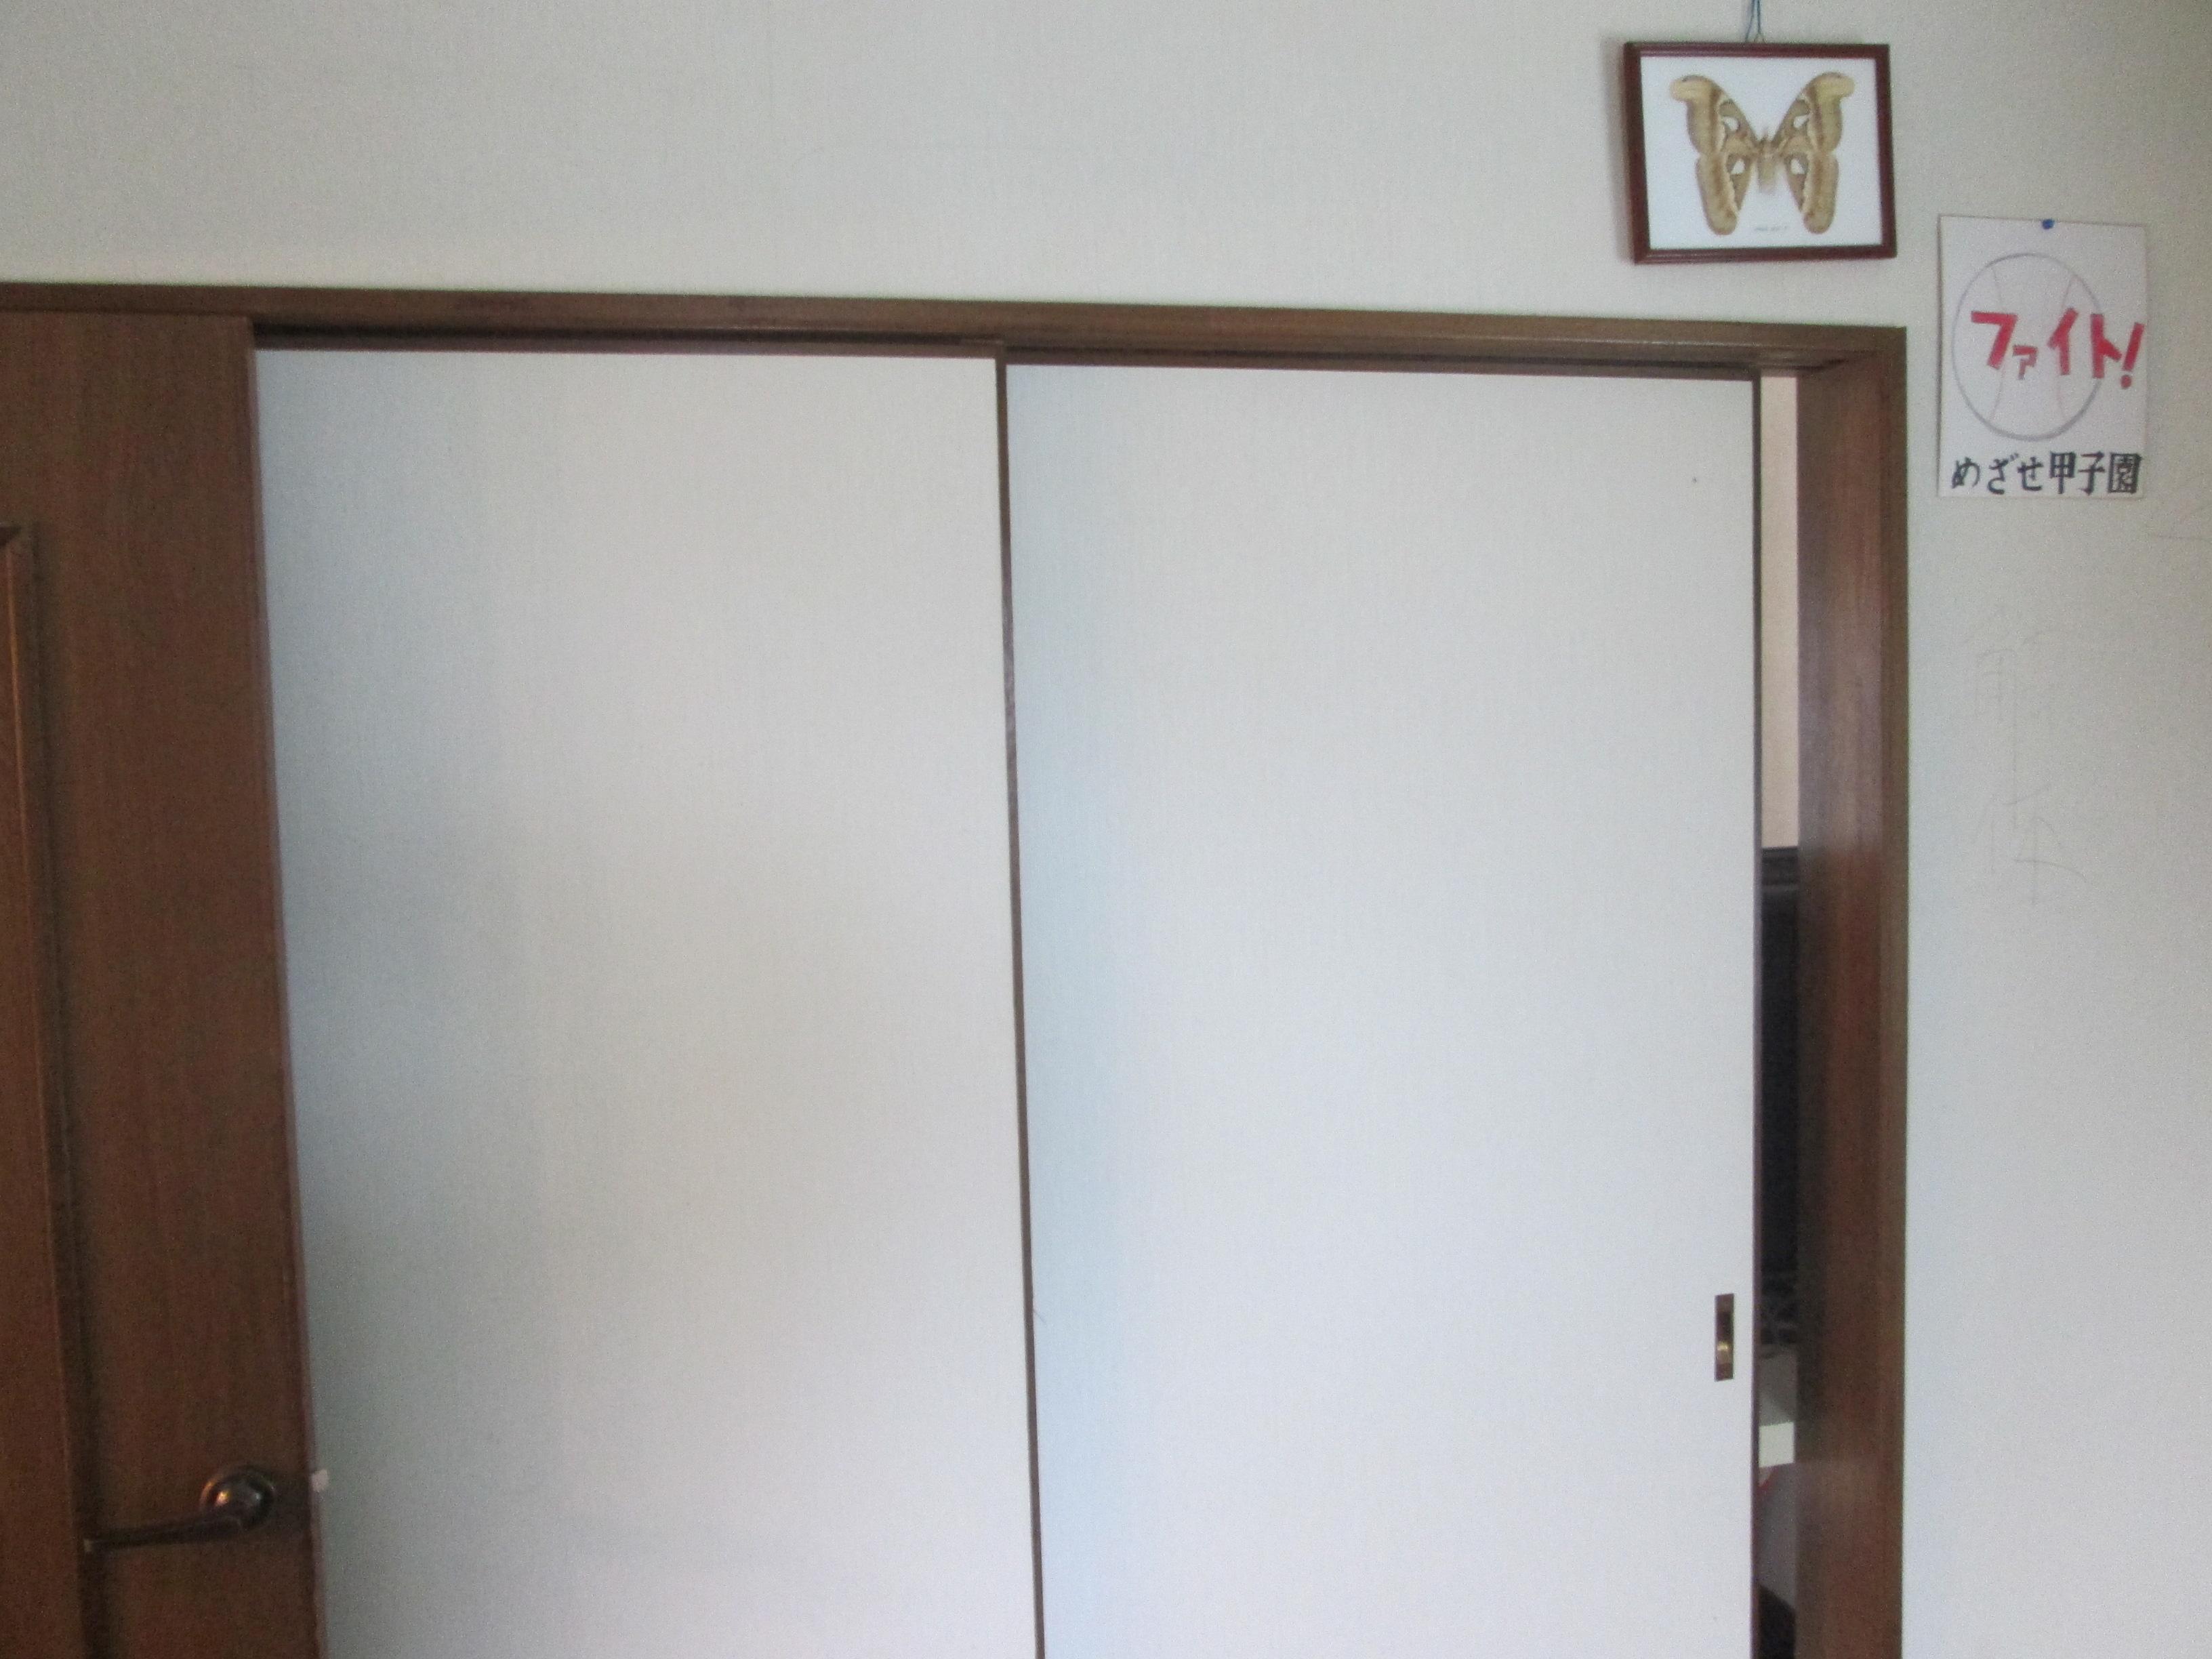 建具ドア クロス工事 内装工事 福岡 北九州市のクロス 床貼替内装工事